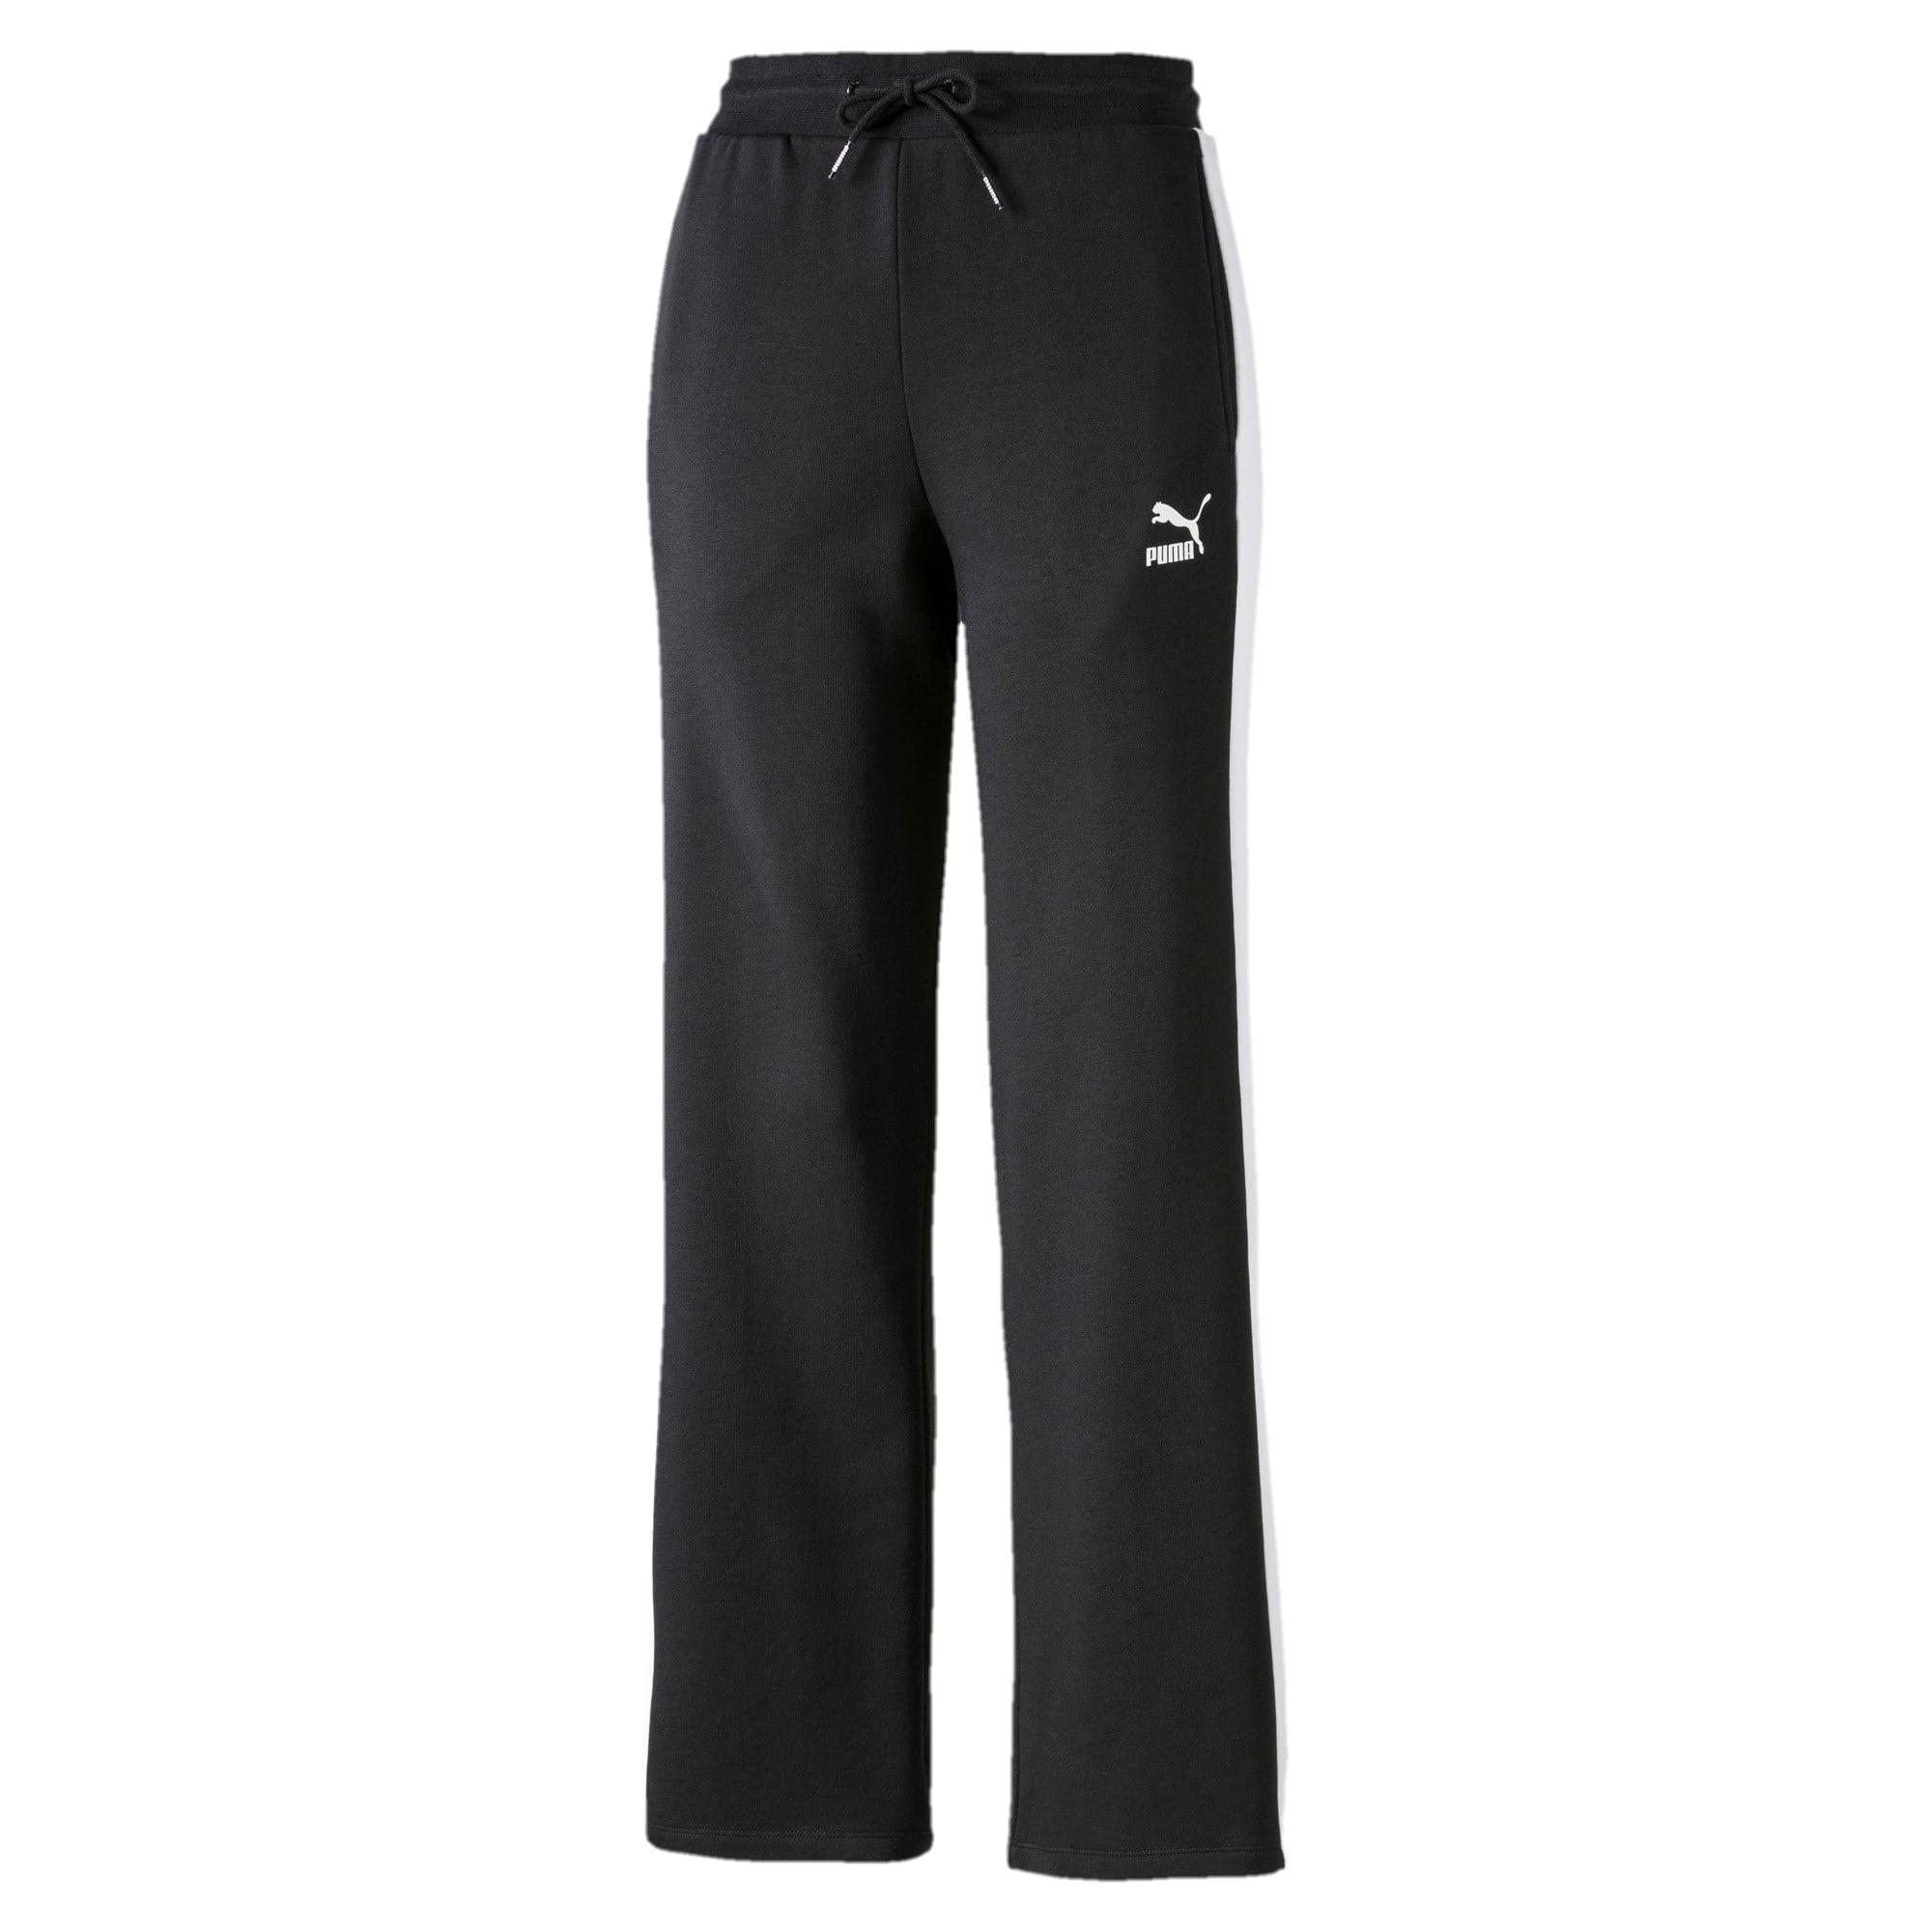 Thumbnail 1 of Pantalon à jambe droite Classics T7 pour femme, Cotton Black-Puma White, medium